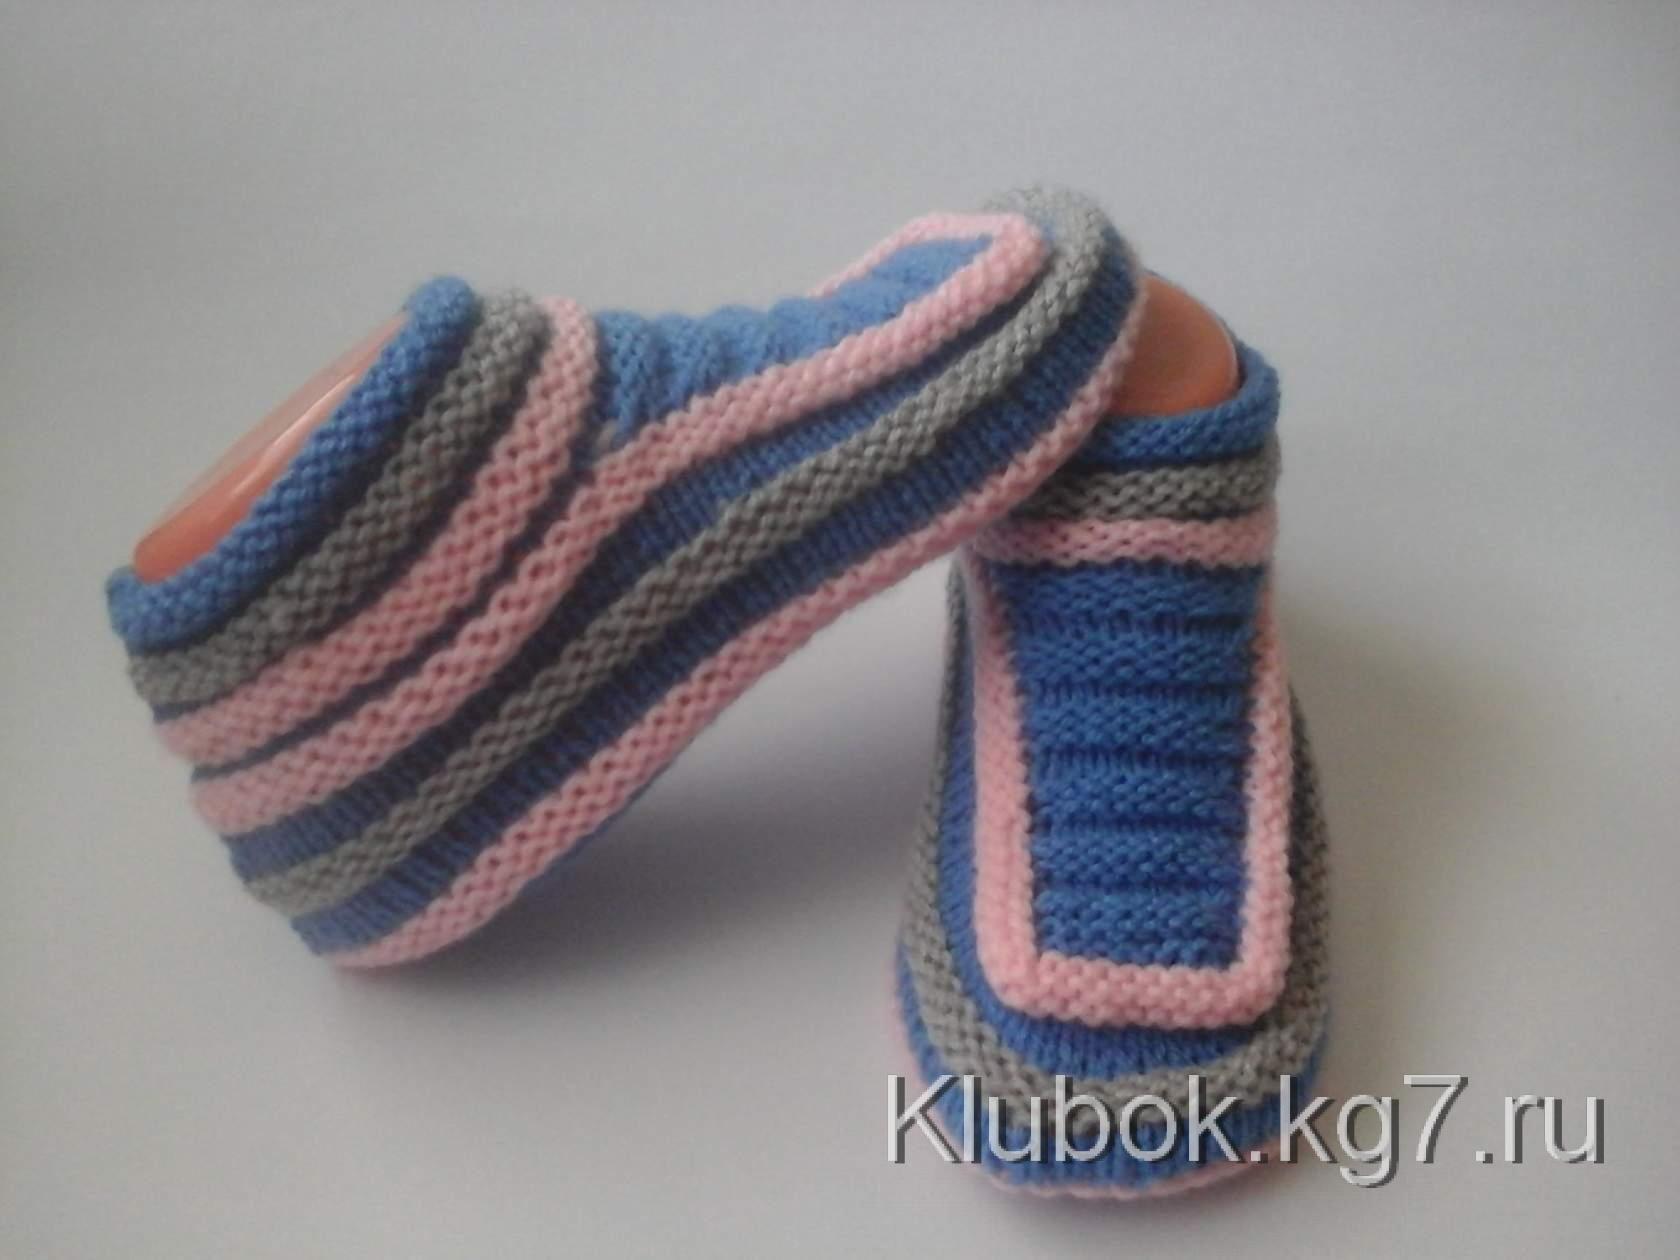 тапочки спицами надежда токаренко вязание Knitting связанные